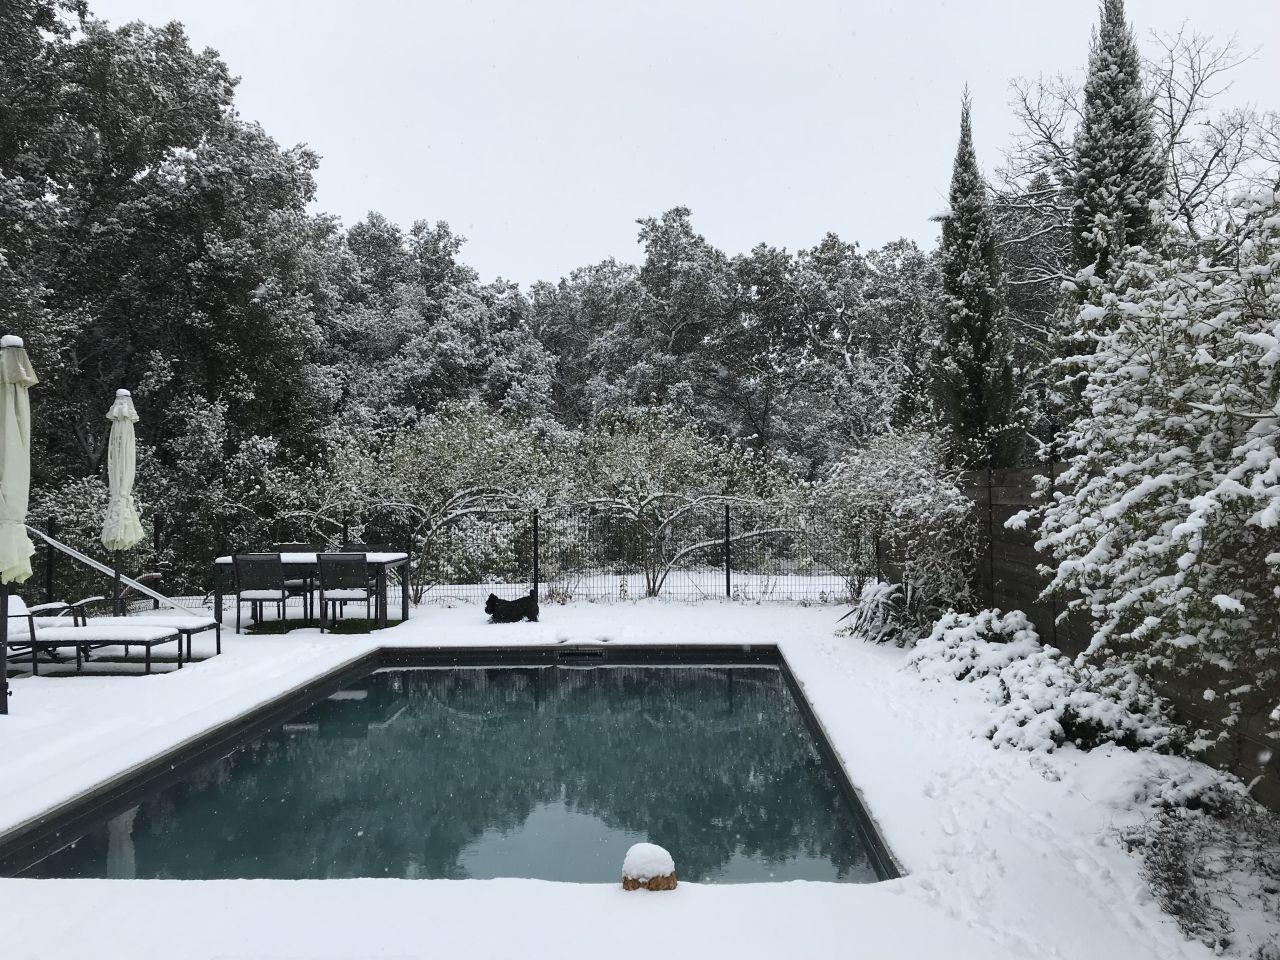 Jour de Neige à Uzès. Il ne fallait pas rater ça, c'est rare!